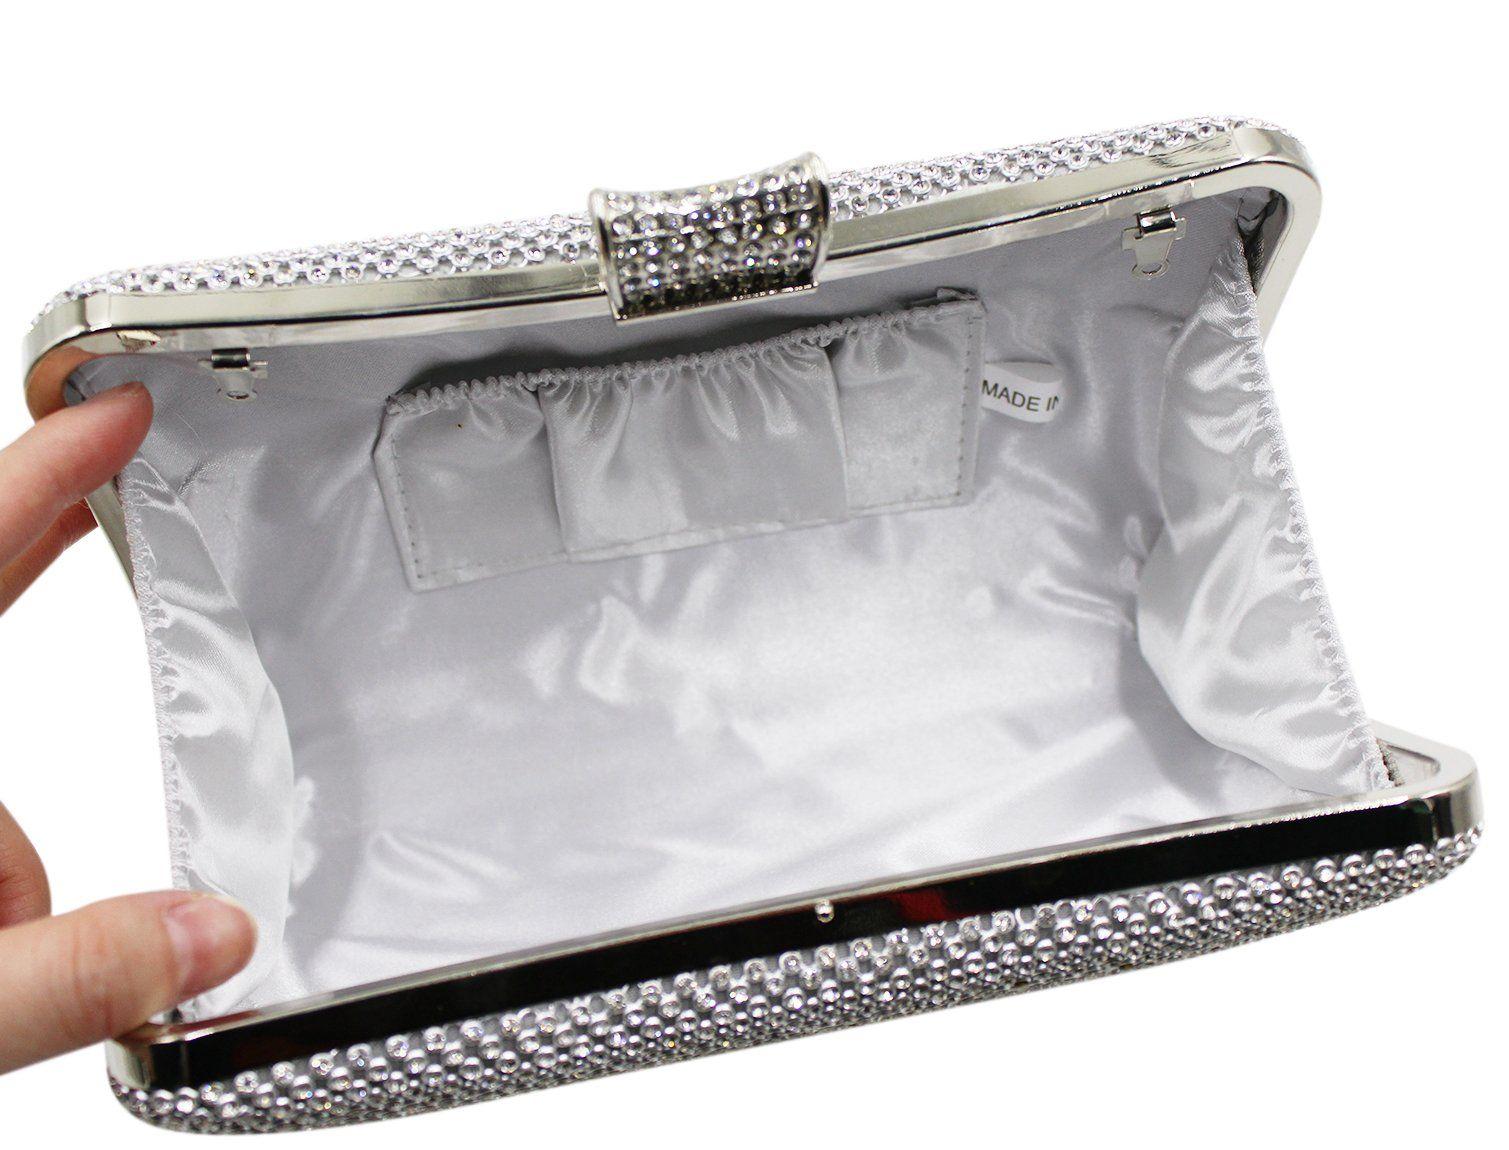 Bags us Women Crystal Evening Bags Rhinestone Silver Gold Clutch Purse Handbag Chain Shoulder for Wedding Bridal Party Prom, #Ad #Silver, #Rhinestone, #Clutch, #Gold